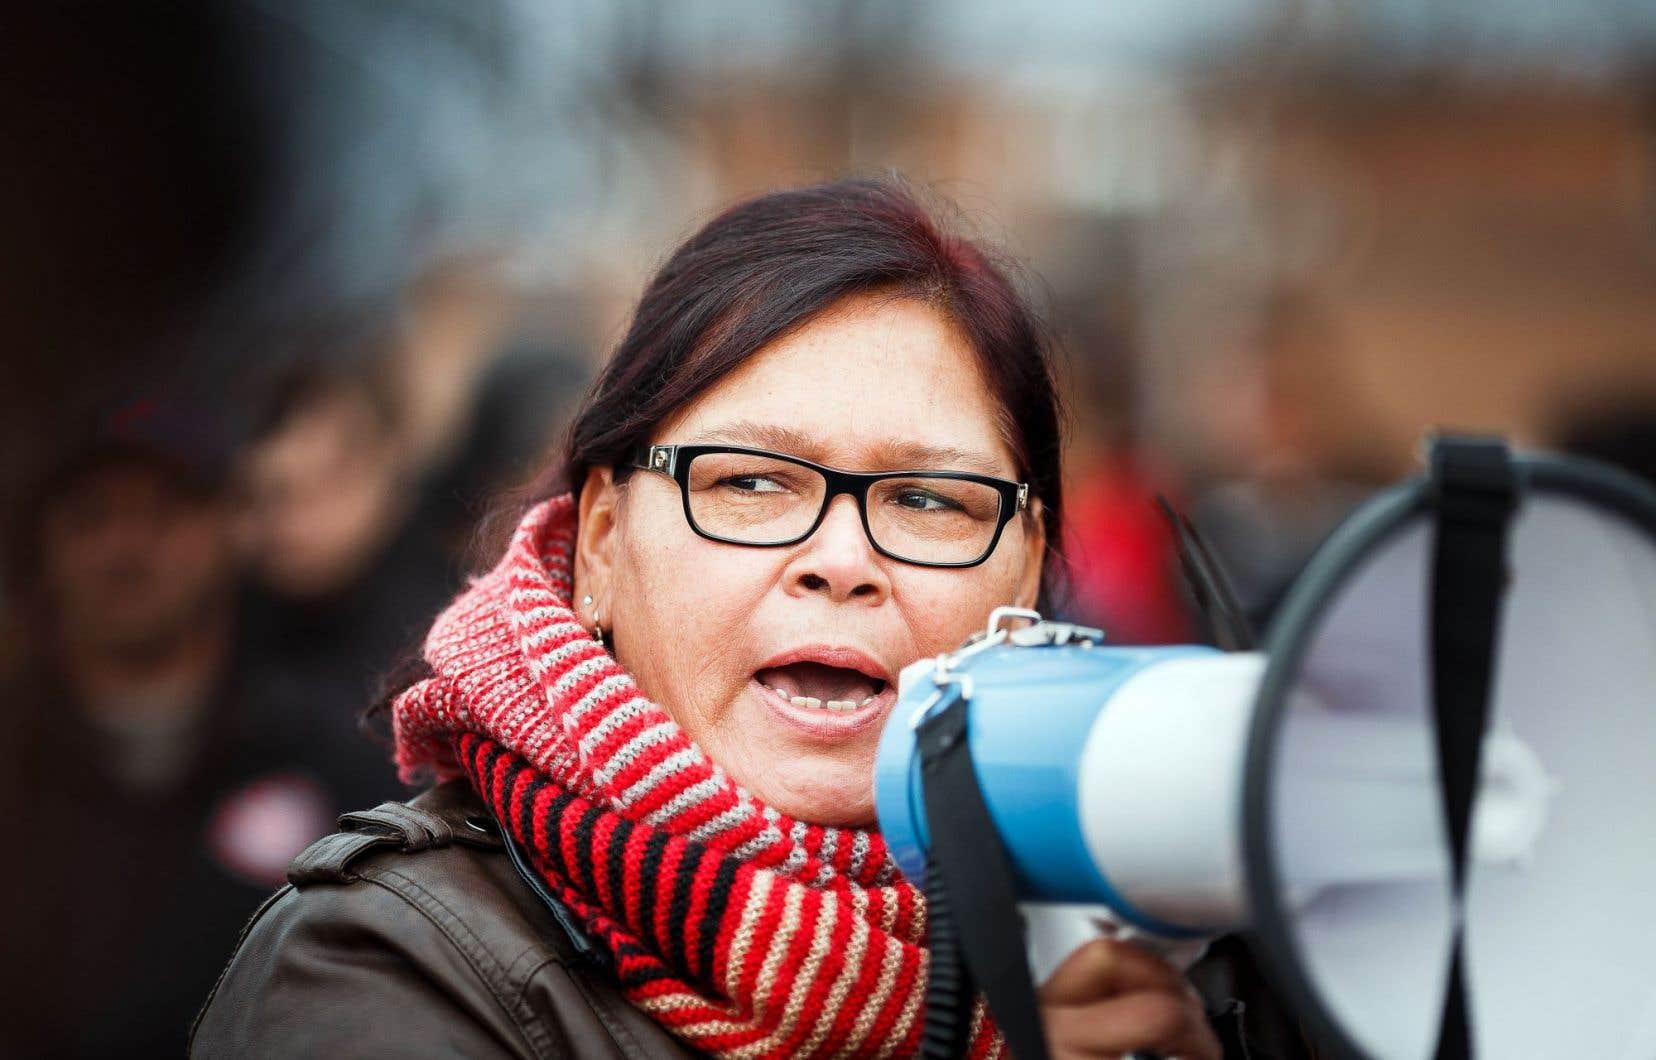 Viviane Michel, présidente de Femmes autochtones du Québec, a pris la parole devant la centaine de personnes qui s'étaient réunies à l'extérieur du palais de justice de Val-d'Or.